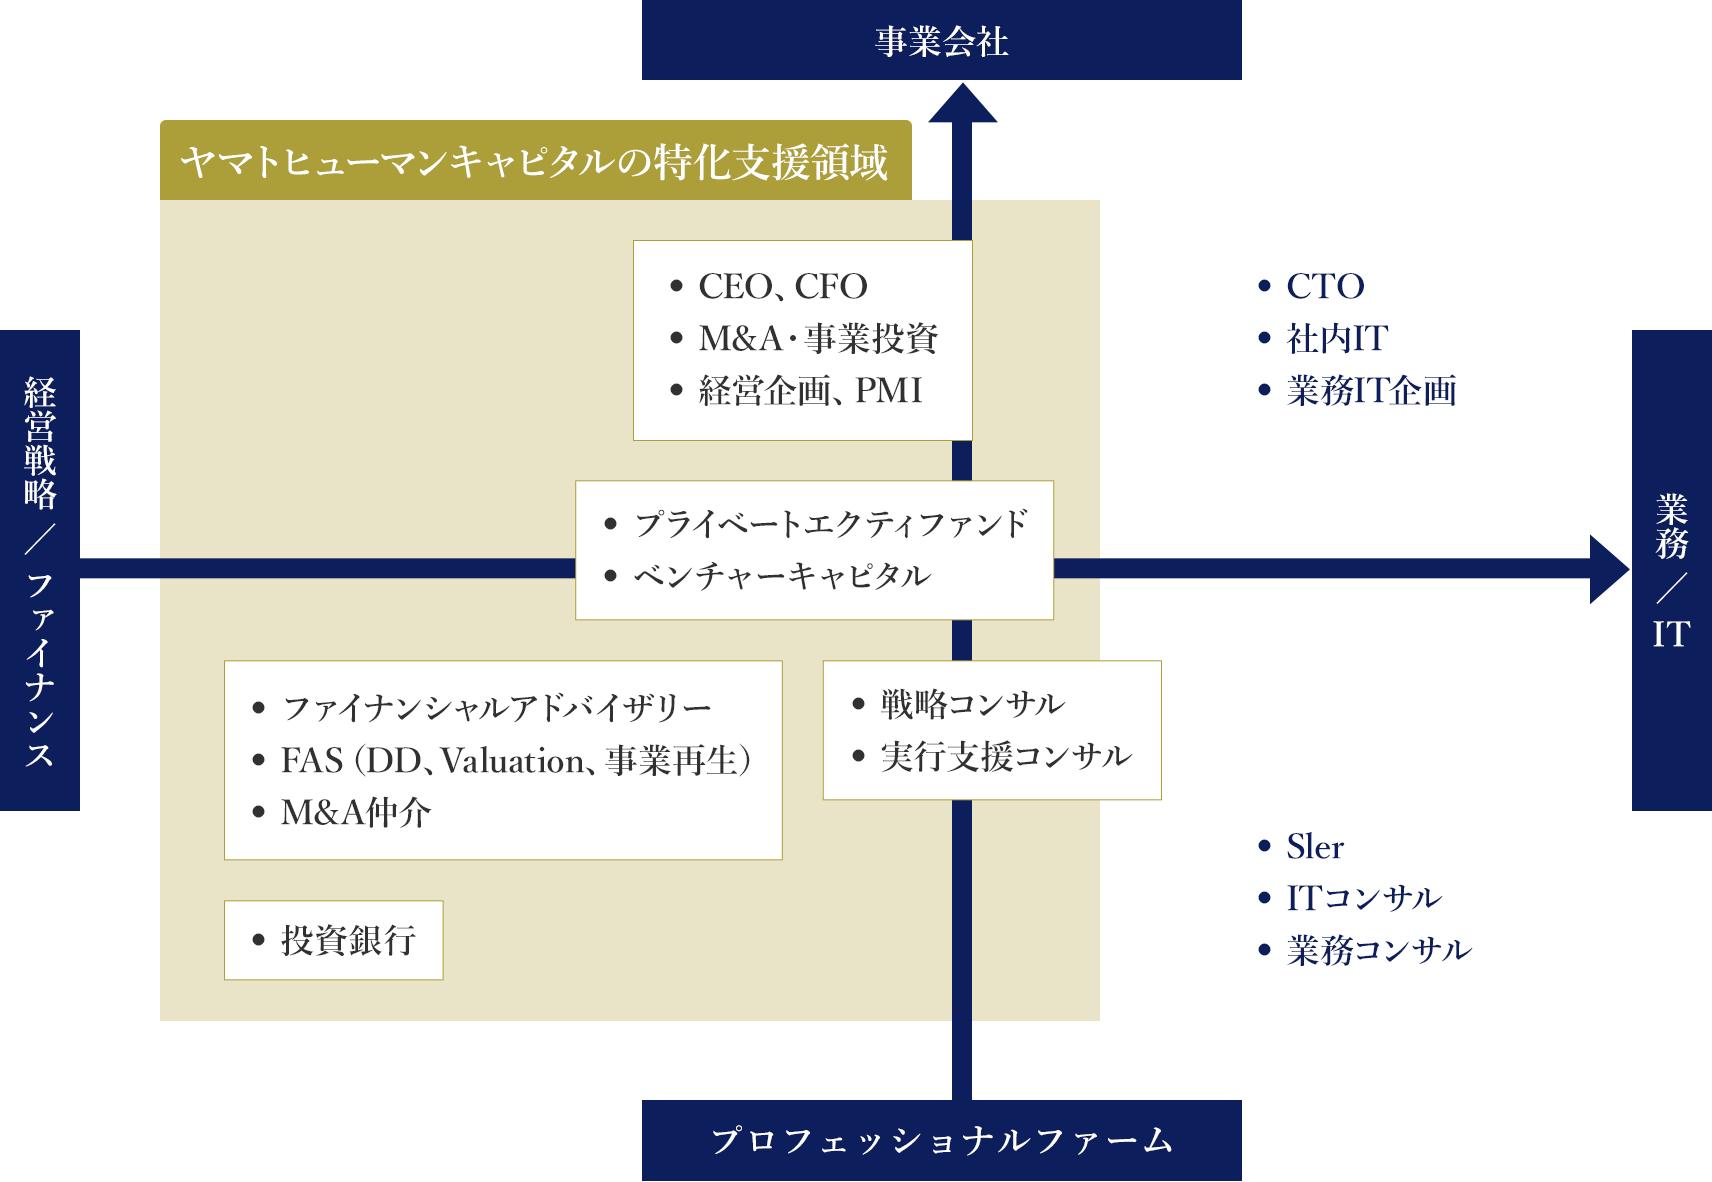 ヤマトヒューマンキャピタルの転職サービス特化支援領域「経営×ファイナンス業界」